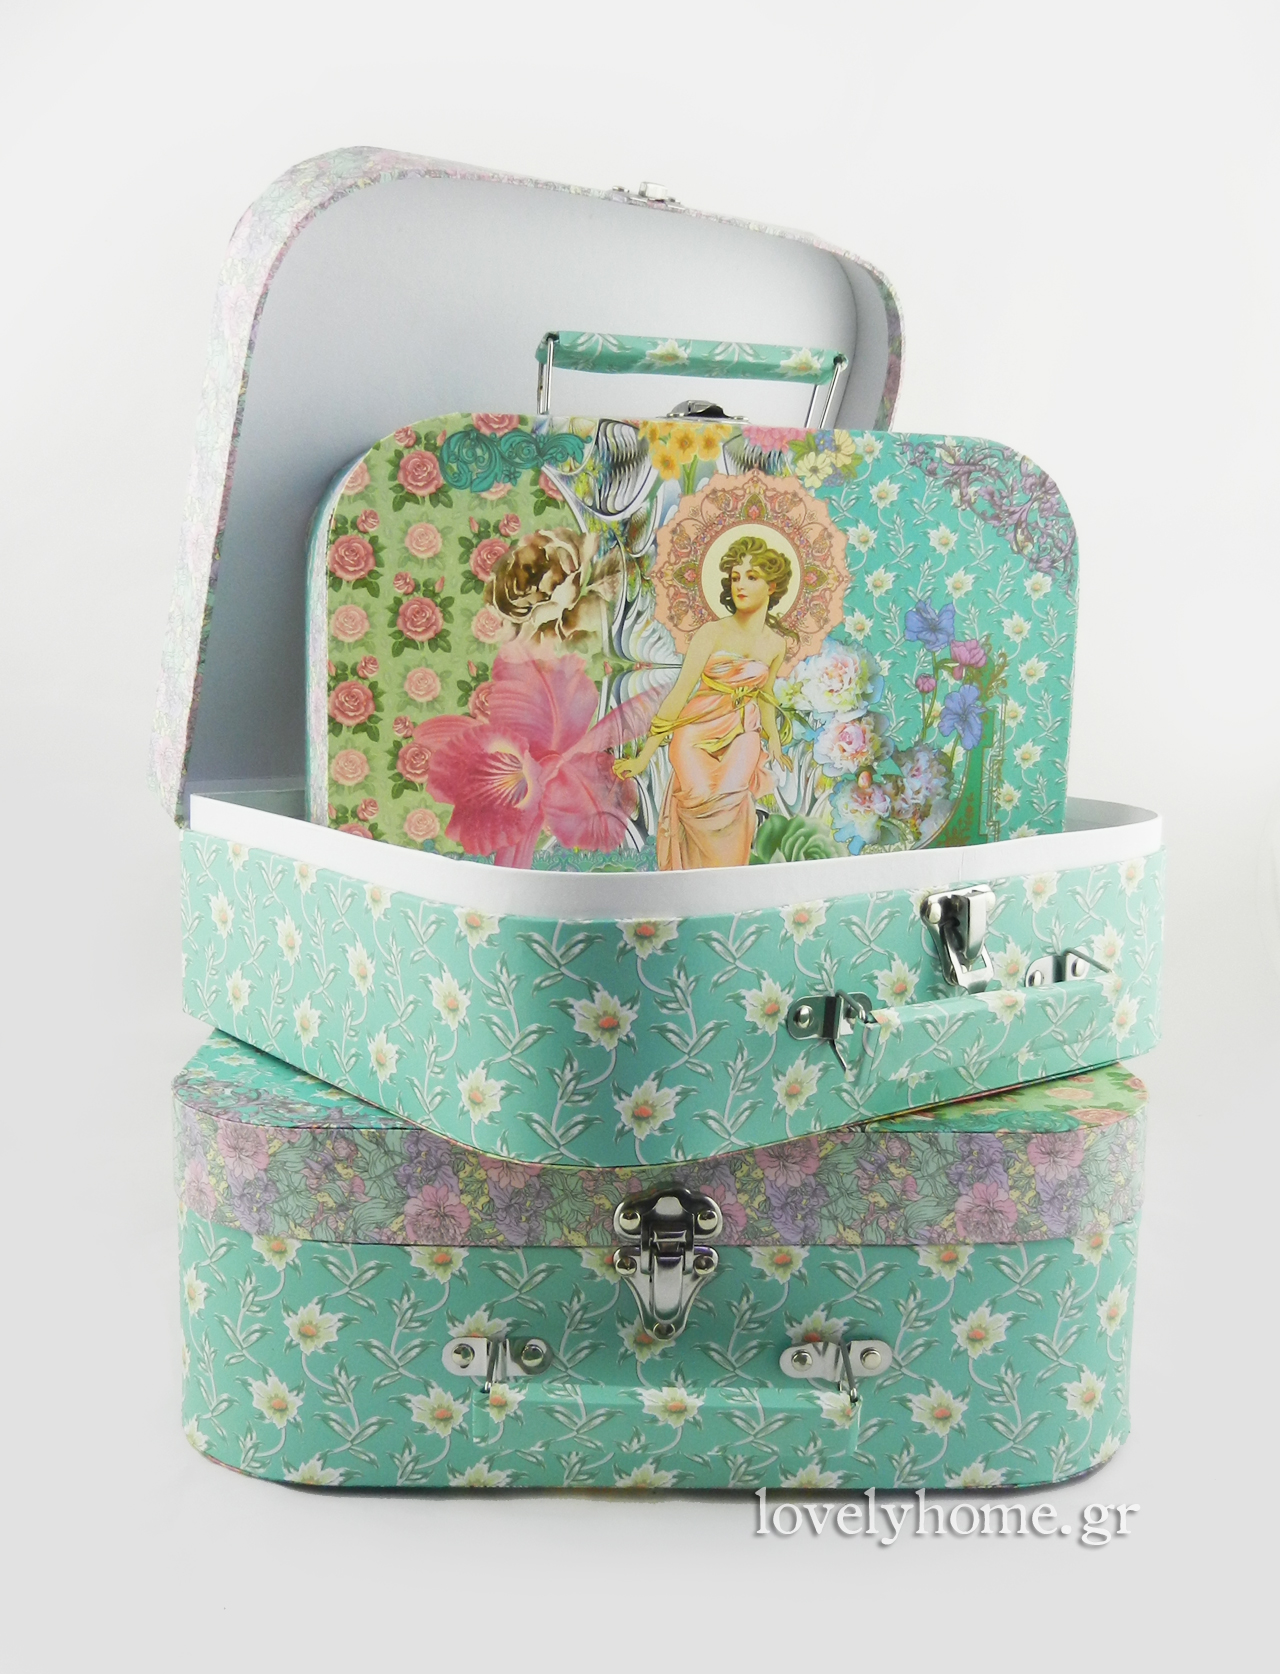 Χάρτινα κουτιά αποθήκευσης σε στυλ βαλίτσας